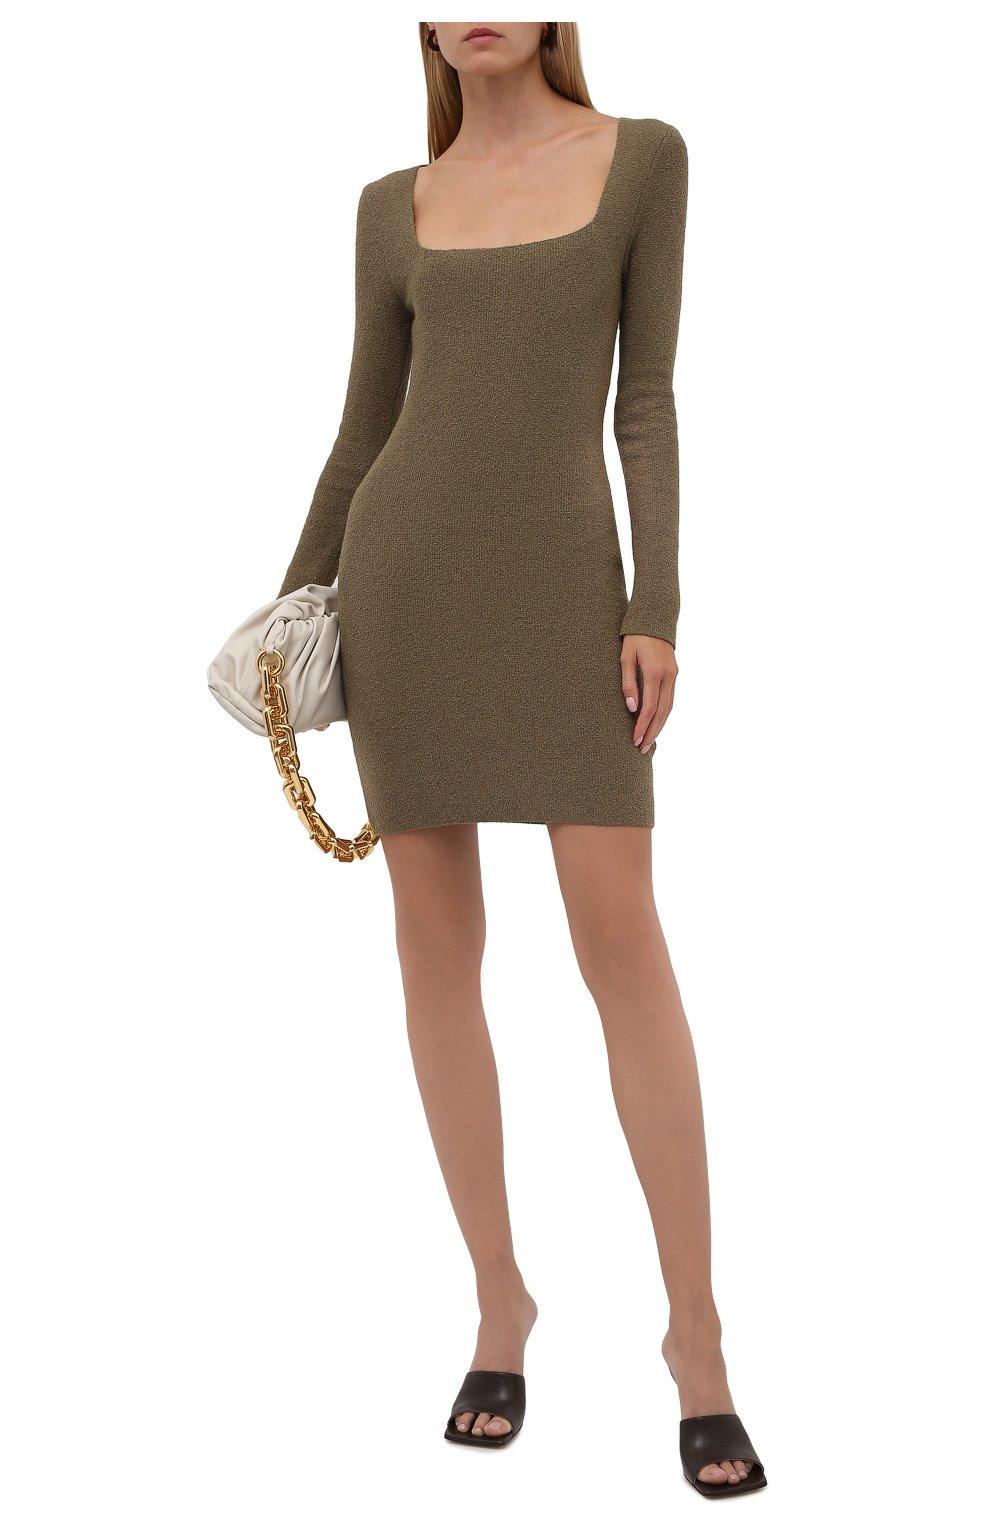 Женское хлопковое платье NANUSHKA хаки цвета, арт. NW21PFDR00762   Фото 2 (Рукава: Длинные; Стили: Гламурный; Длина Ж (юбки, платья, шорты): Мини; Случай: Повседневный; Женское Кросс-КТ: платье-футляр, Платье-одежда; Кросс-КТ: Трикотаж; Материал внешний: Хлопок)